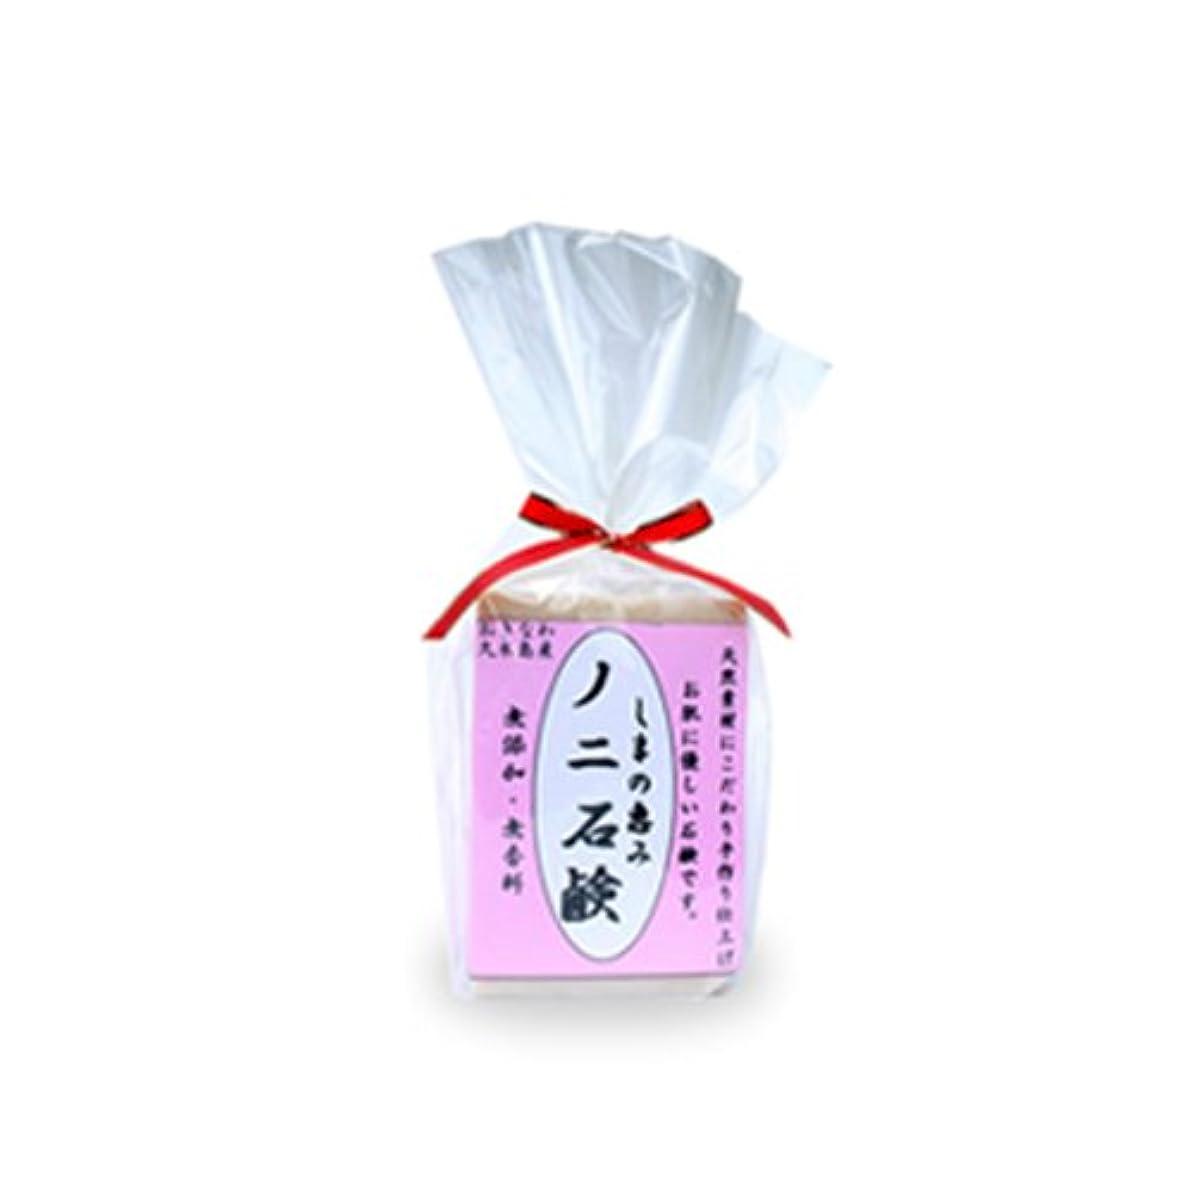 シプリー午後わかりやすいノ二石鹸×5個 久米島物産販売 沖縄の海洋深層水ミネラルとノニを配合した無添加ソープ